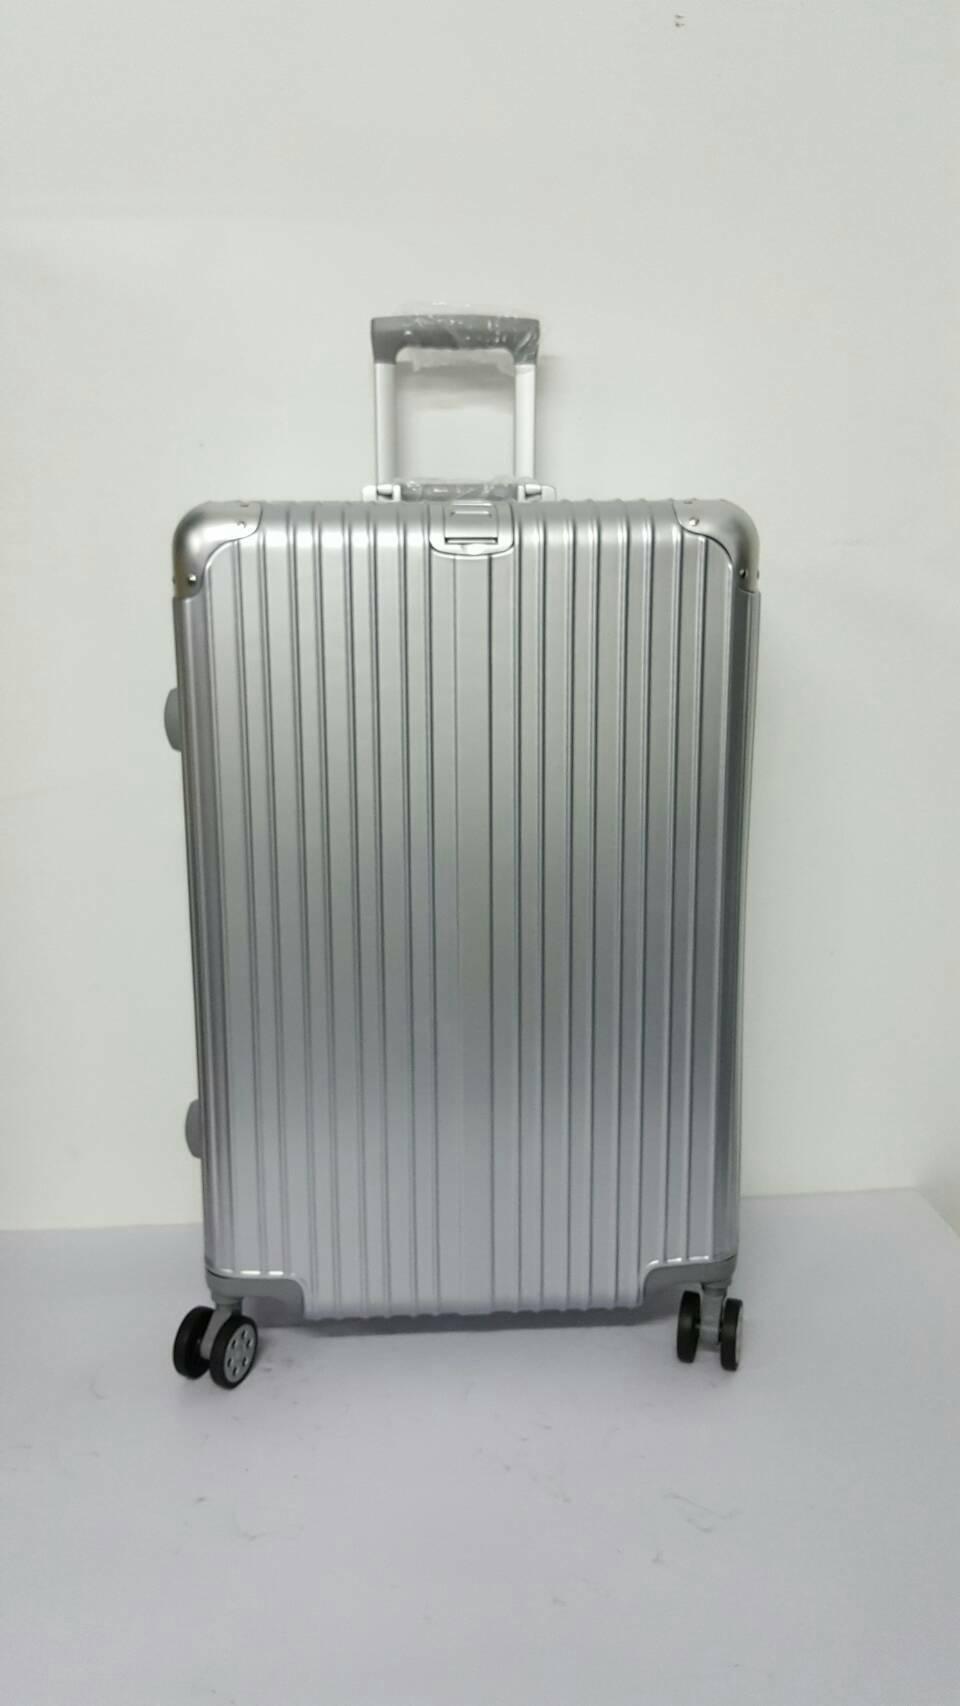 กระเป๋าเดินทาง ล้อลาก 4 ล้อ